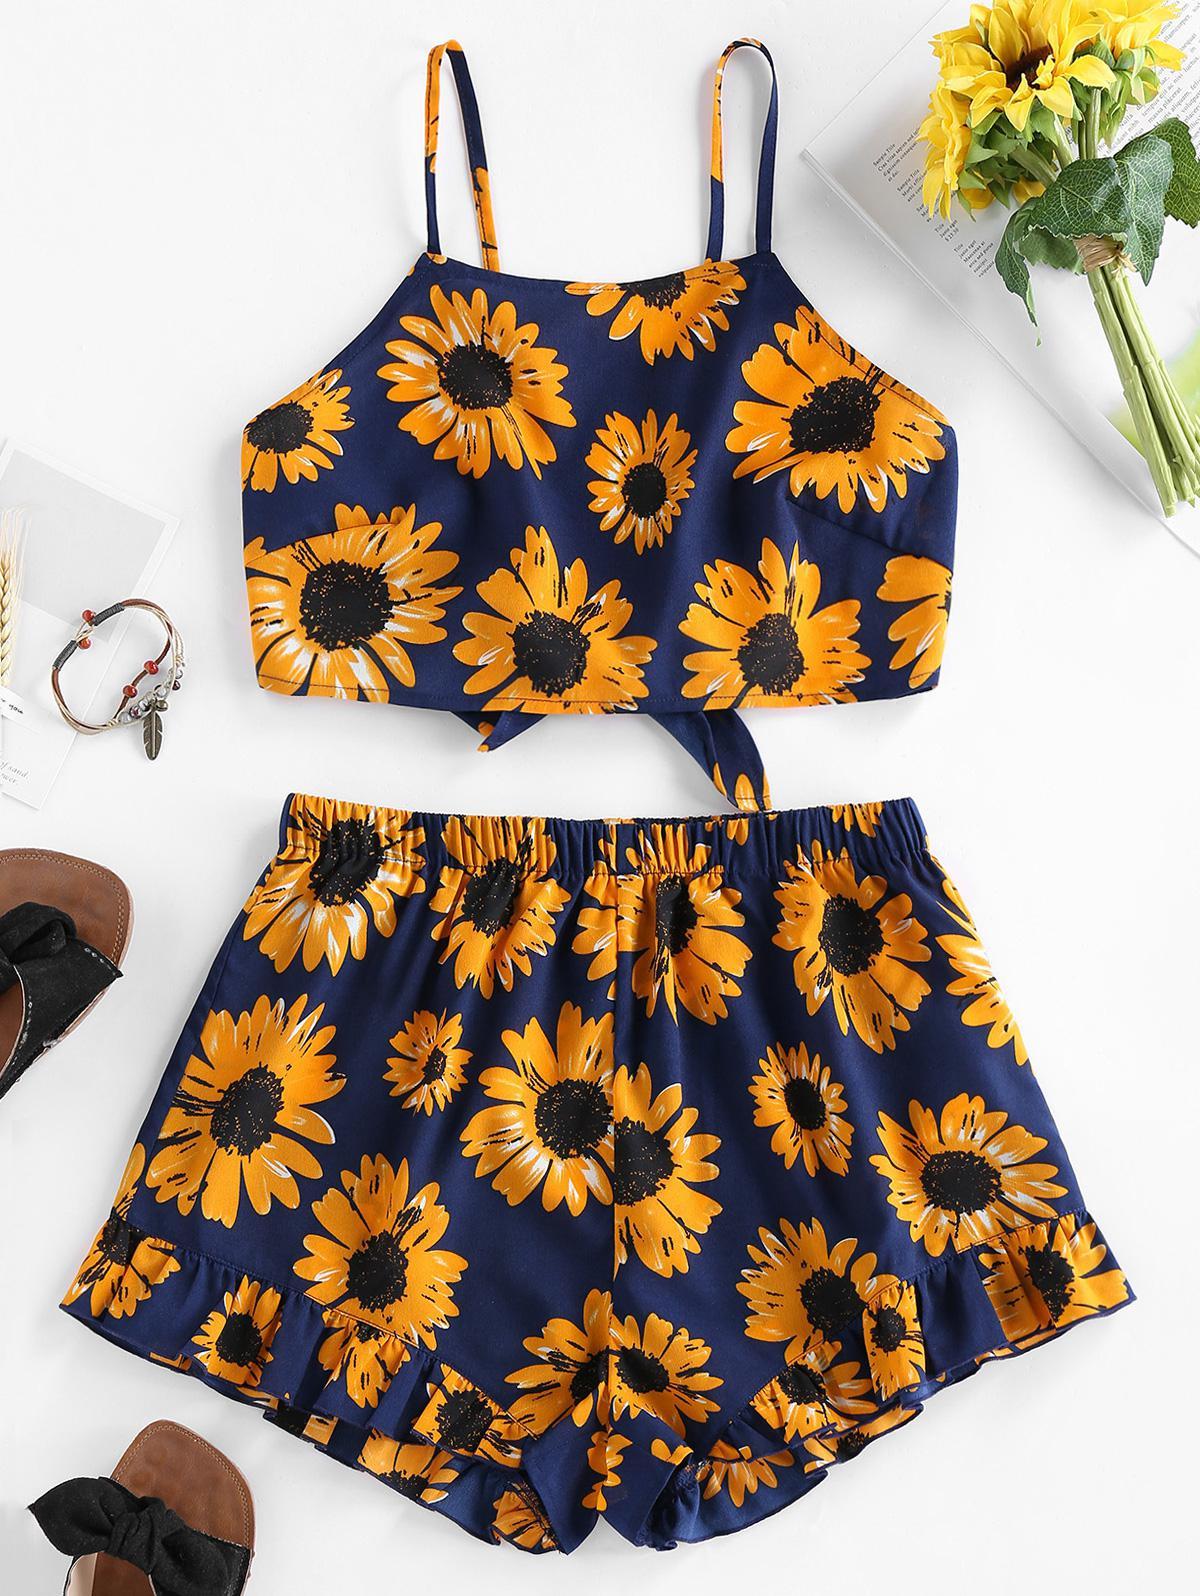 ZAFUL Sunflower Knotted Ruffle Two Piece Set